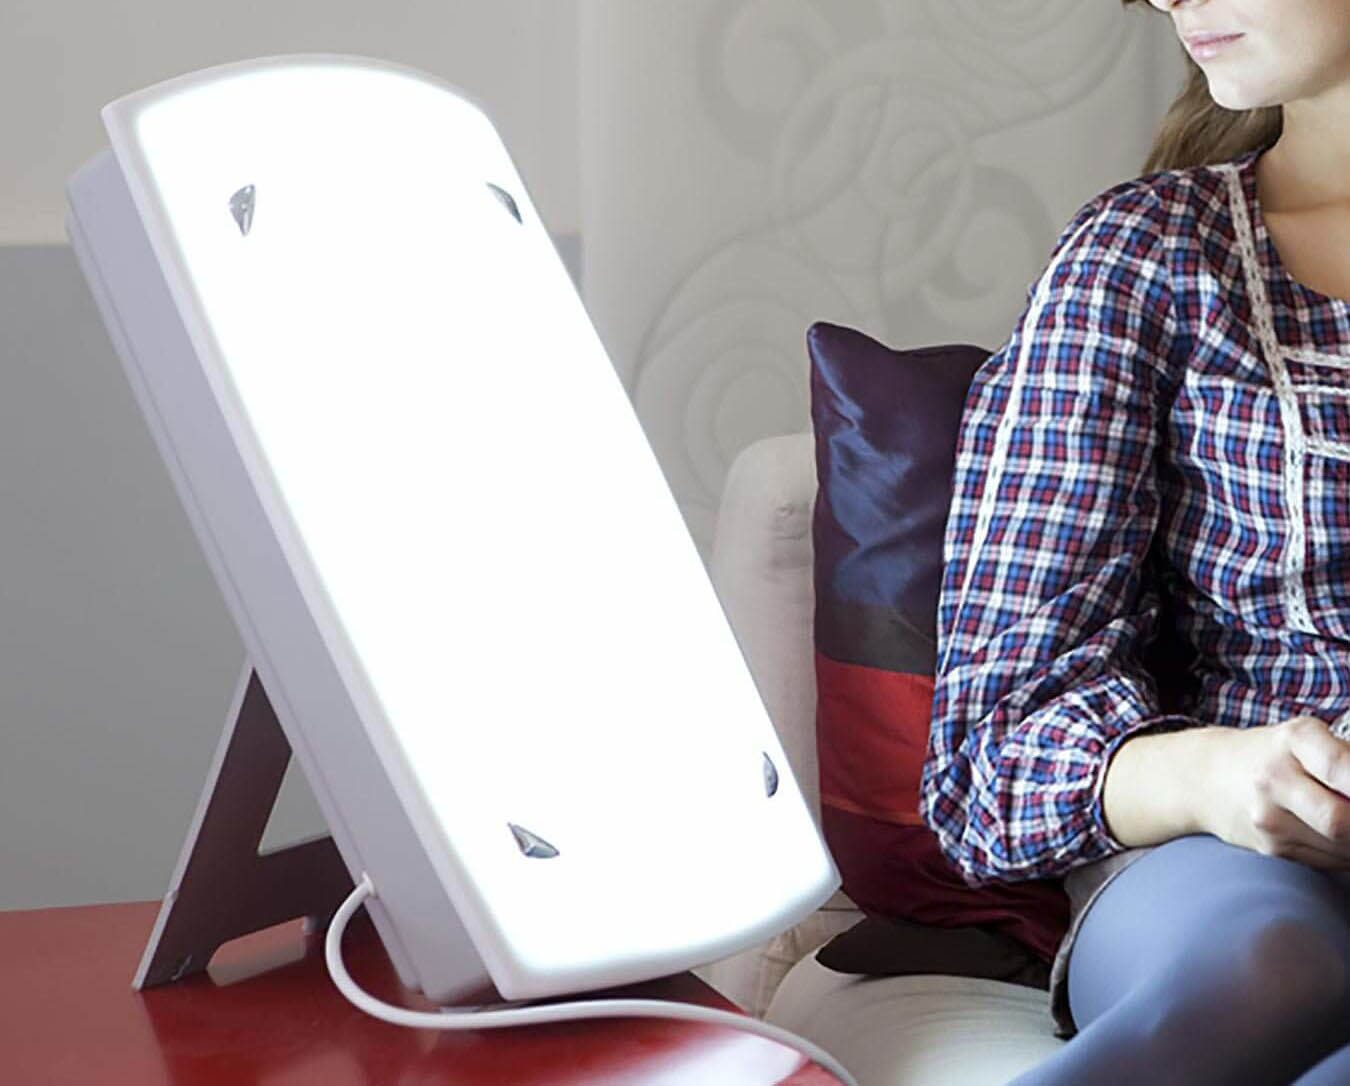 Le trouble affectif saisonnier peut être prévenu par la luminothérapie.